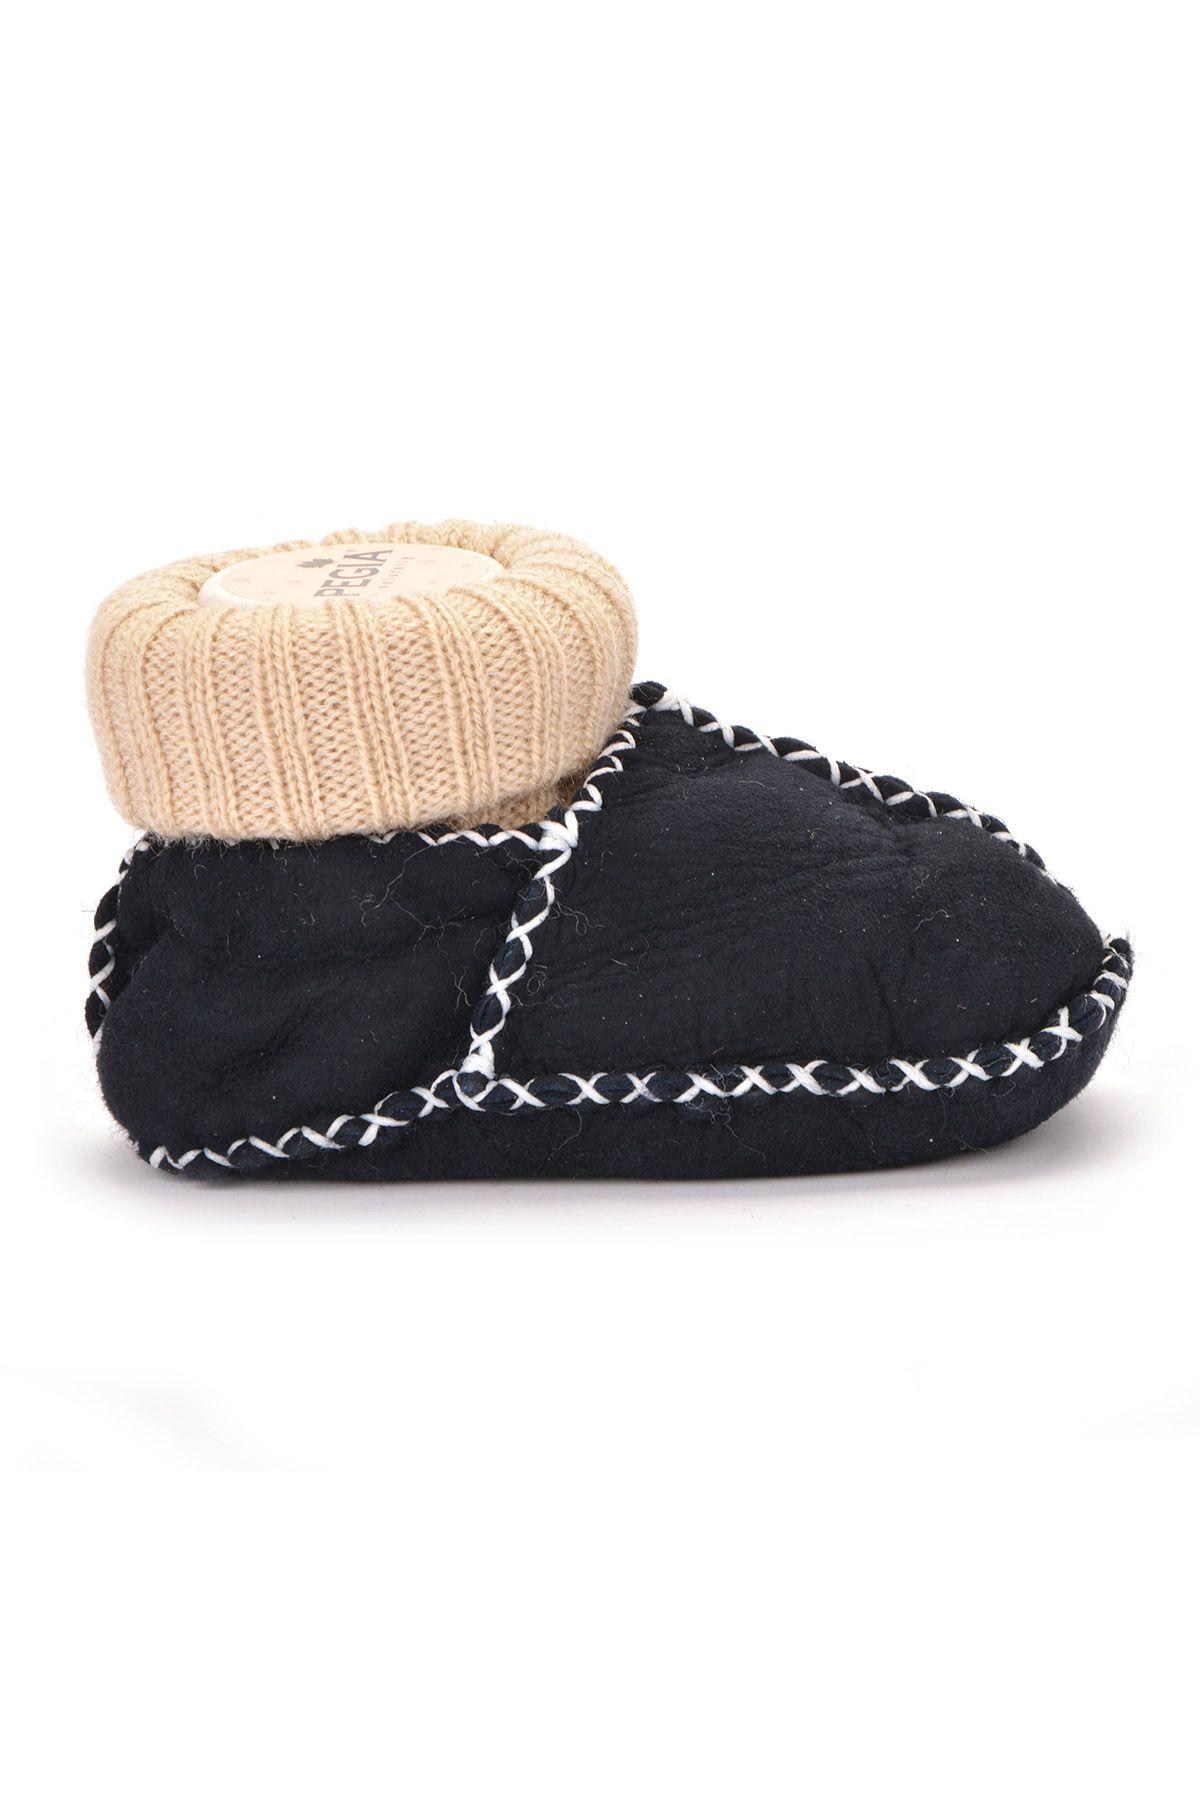 Pegia Hakiki Kürklü Çoraplı Bebek Patiği 141006 Füme